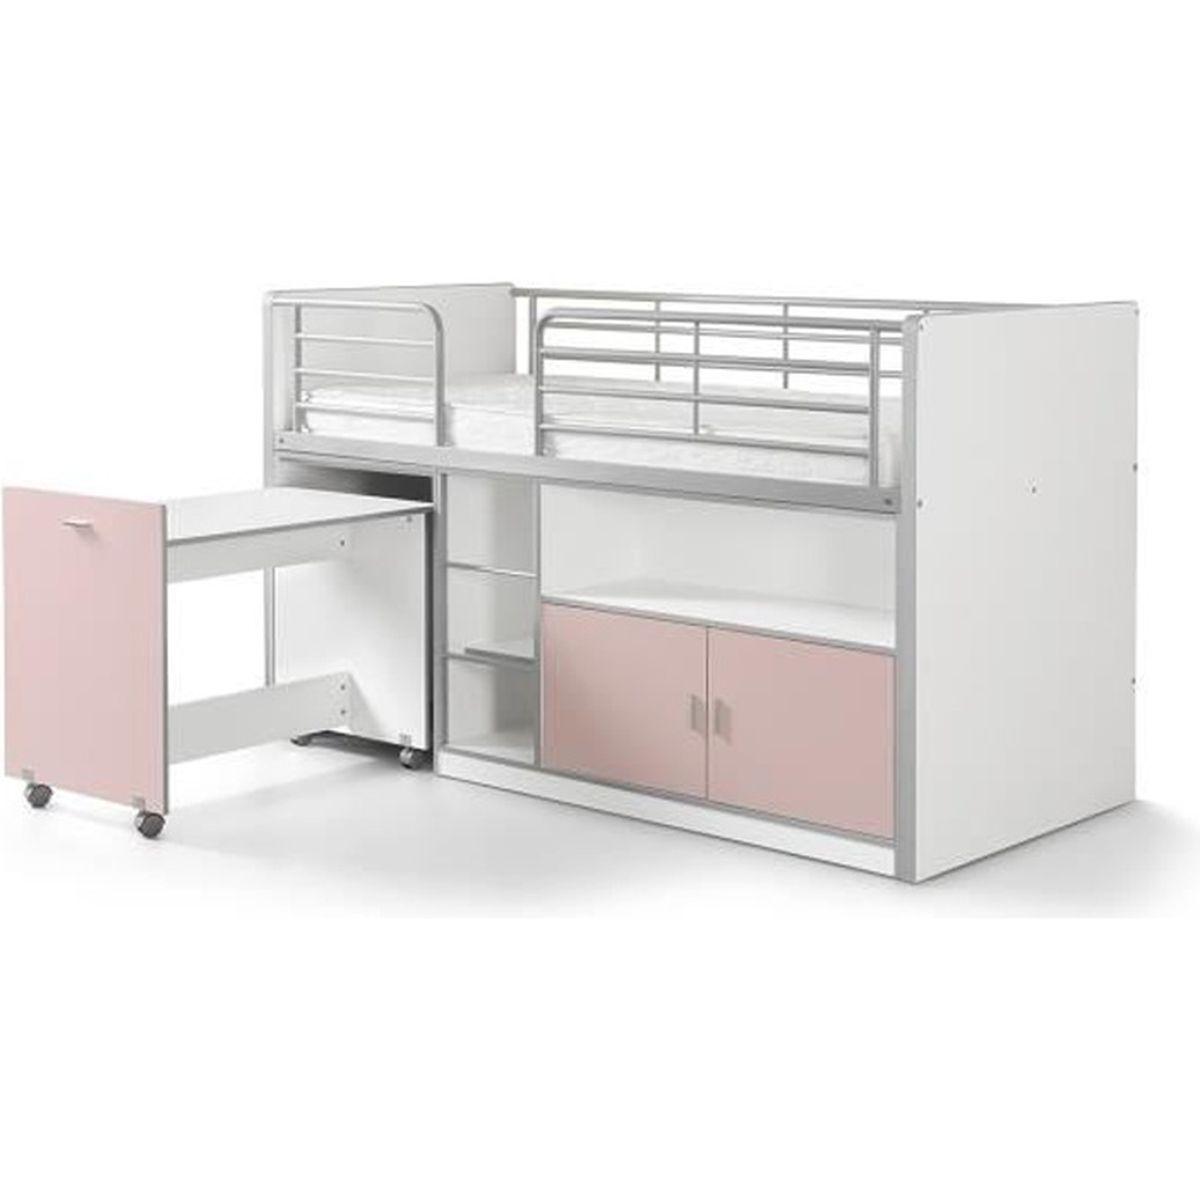 vipack lit mezzanine bureau rangement 90x 200 bonny rose clair achat vente lit mezzanine. Black Bedroom Furniture Sets. Home Design Ideas